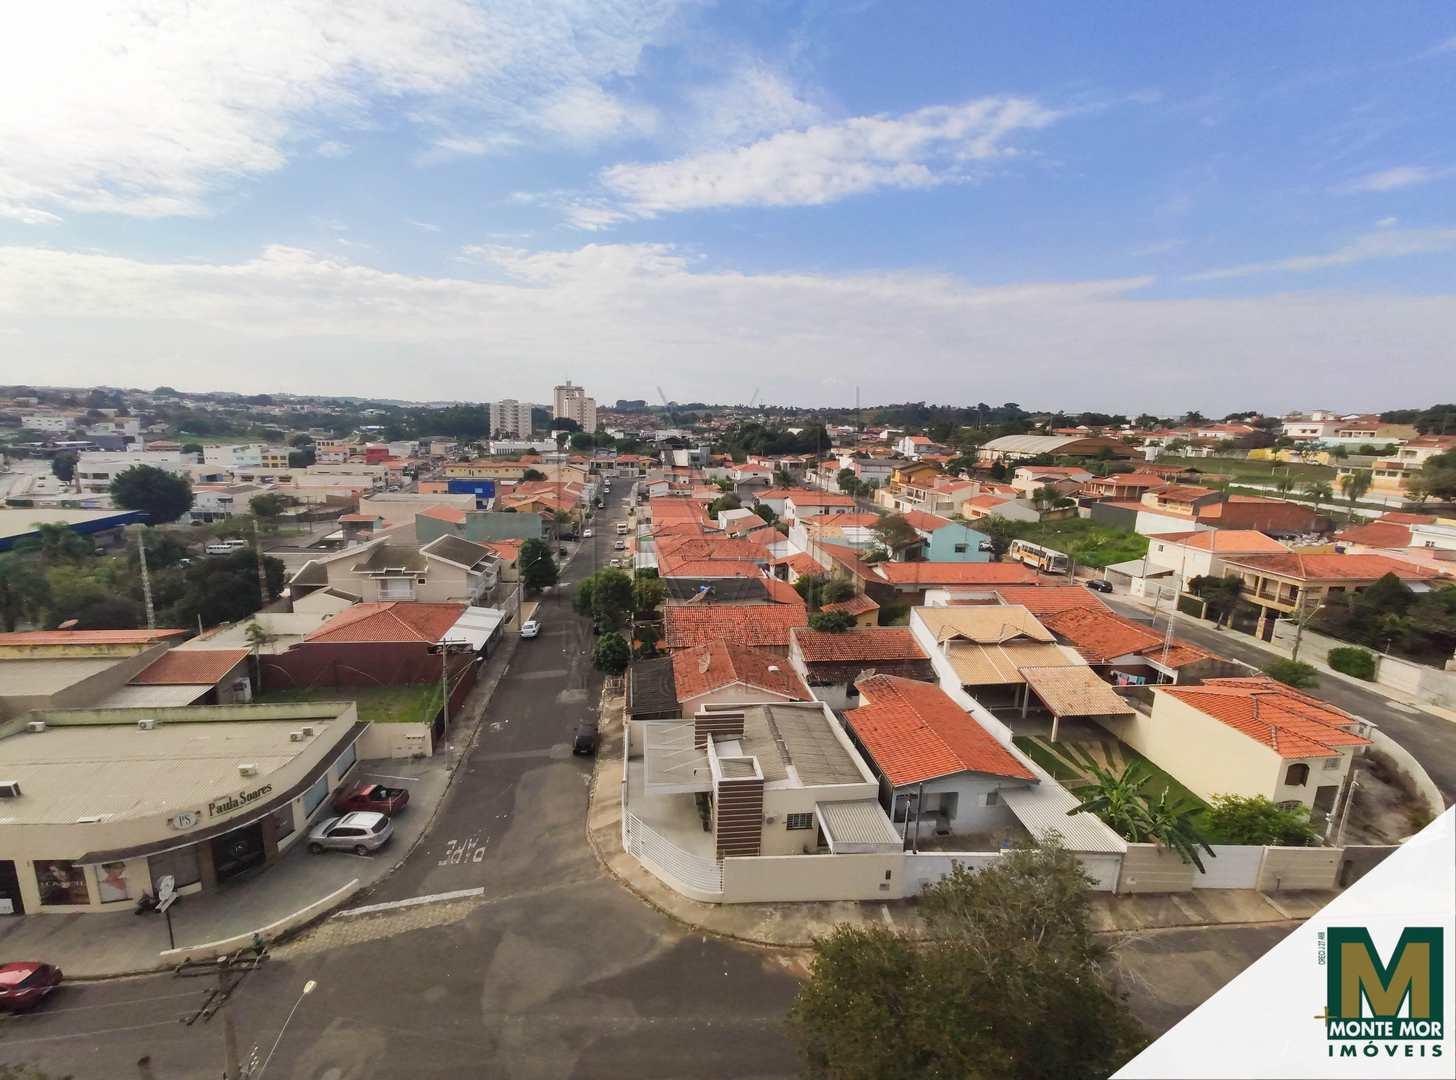 APARTAMENTO 7º ANDAR - LOCAÇÃO - MONTE MOR - SP